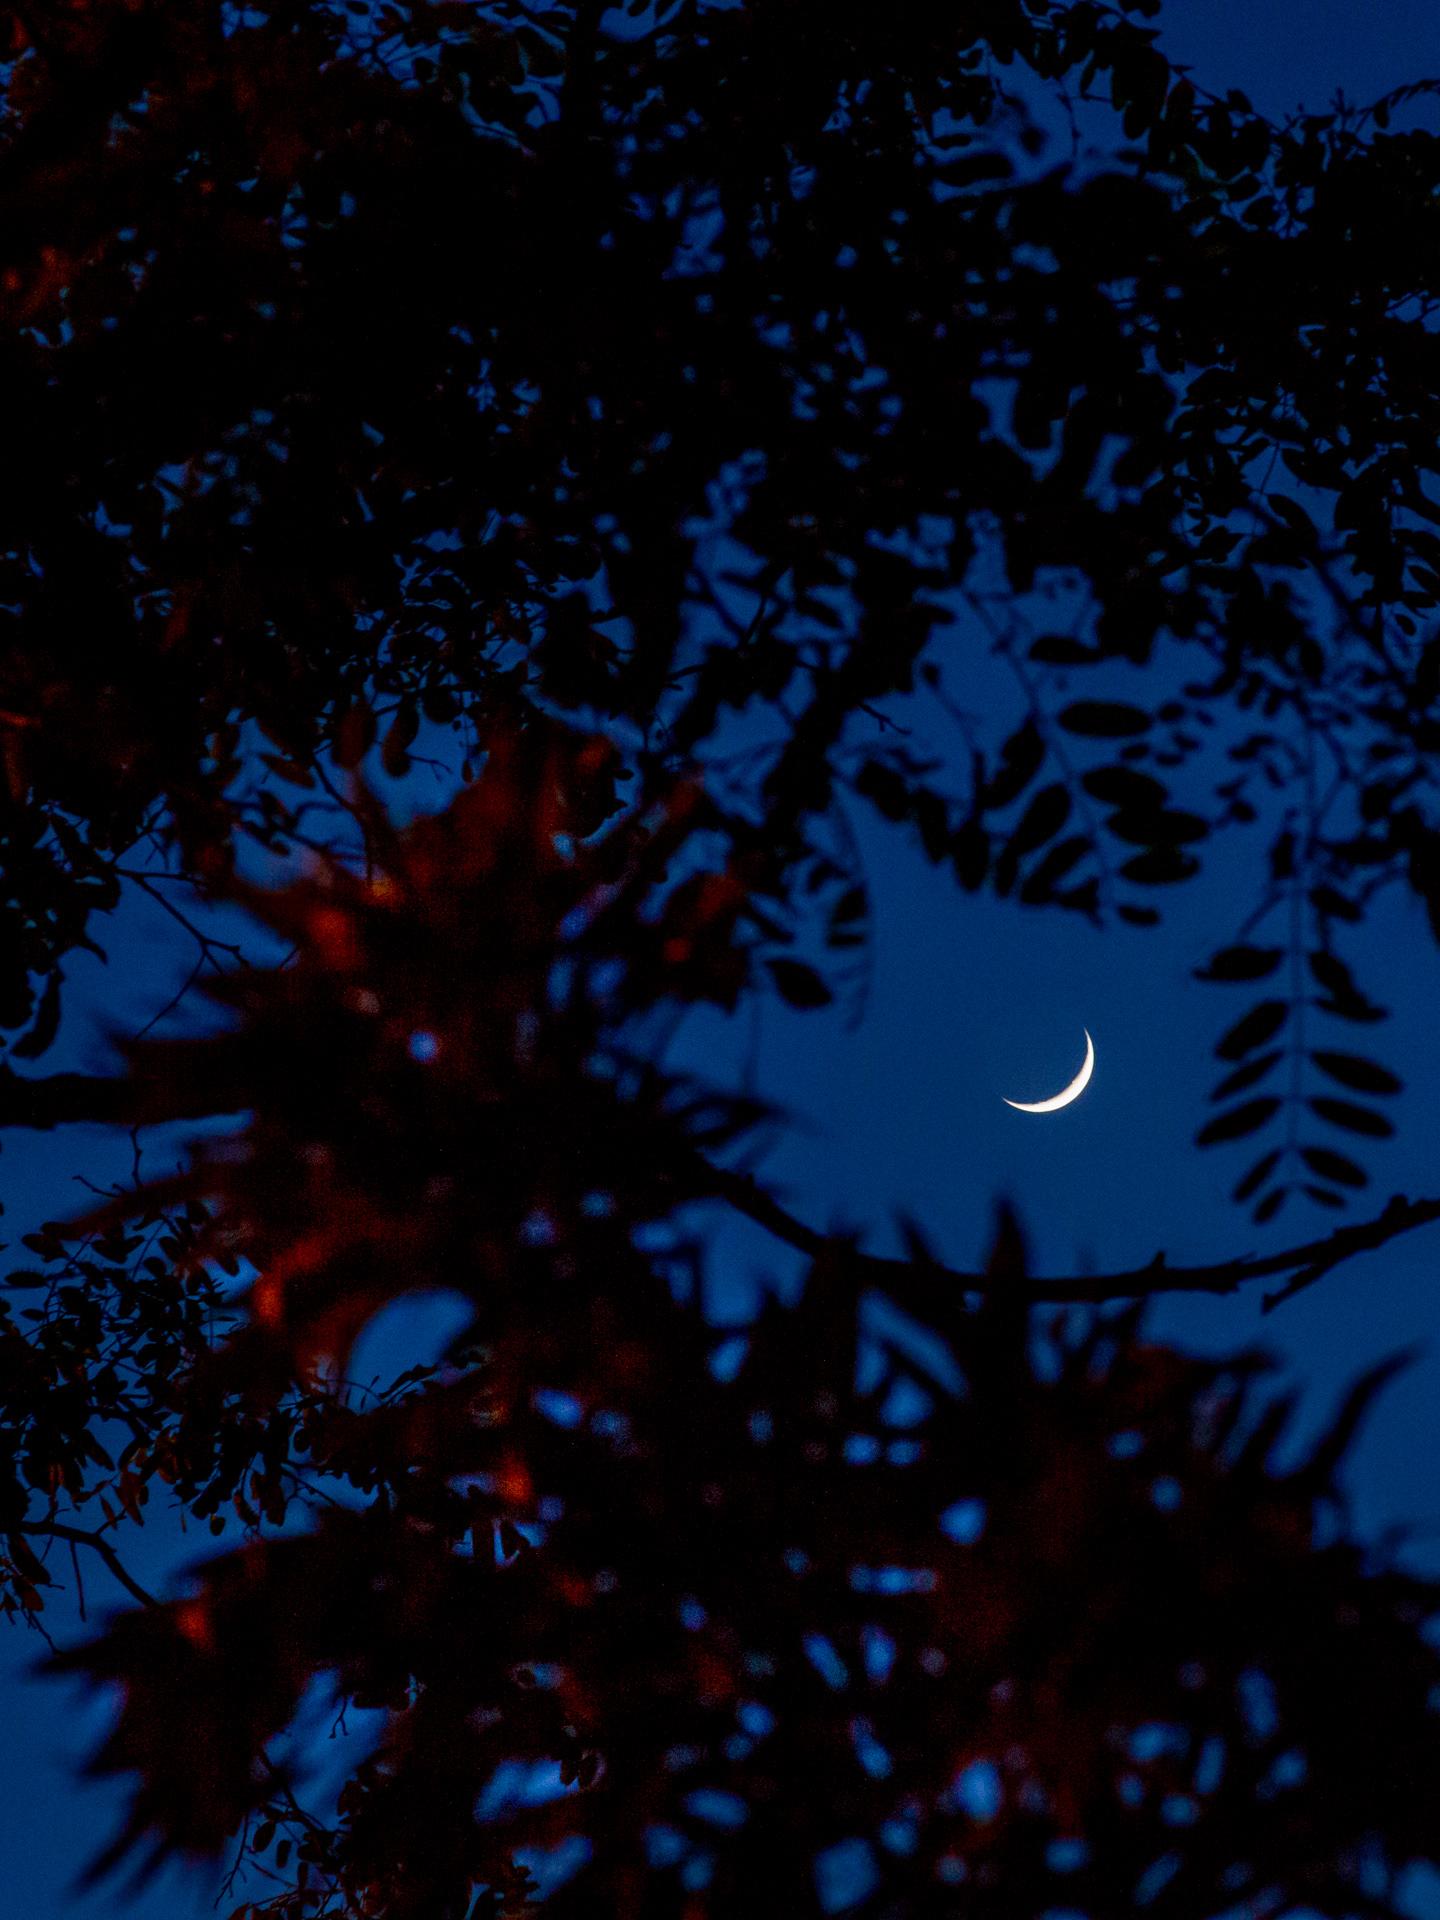 Moon through Trees | 20190507 2034 W:38.96x77.00@77m